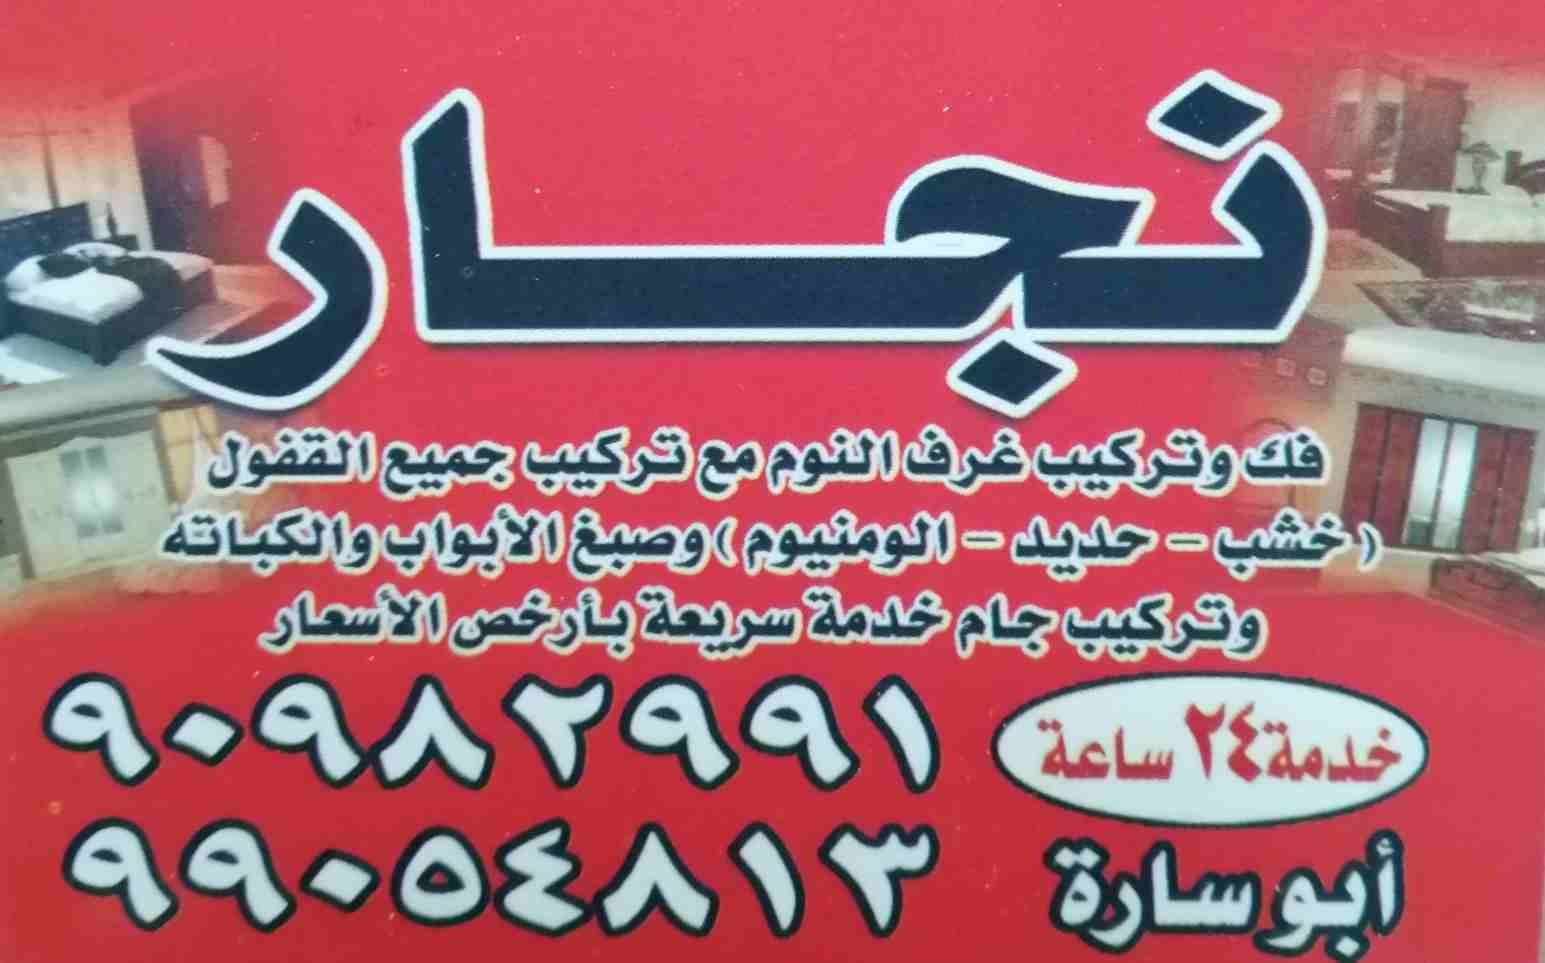 نجار / منطقه (الظهر) في الكويت  خدمه 24 ساعه فك وتركيب غرف النوم مع...